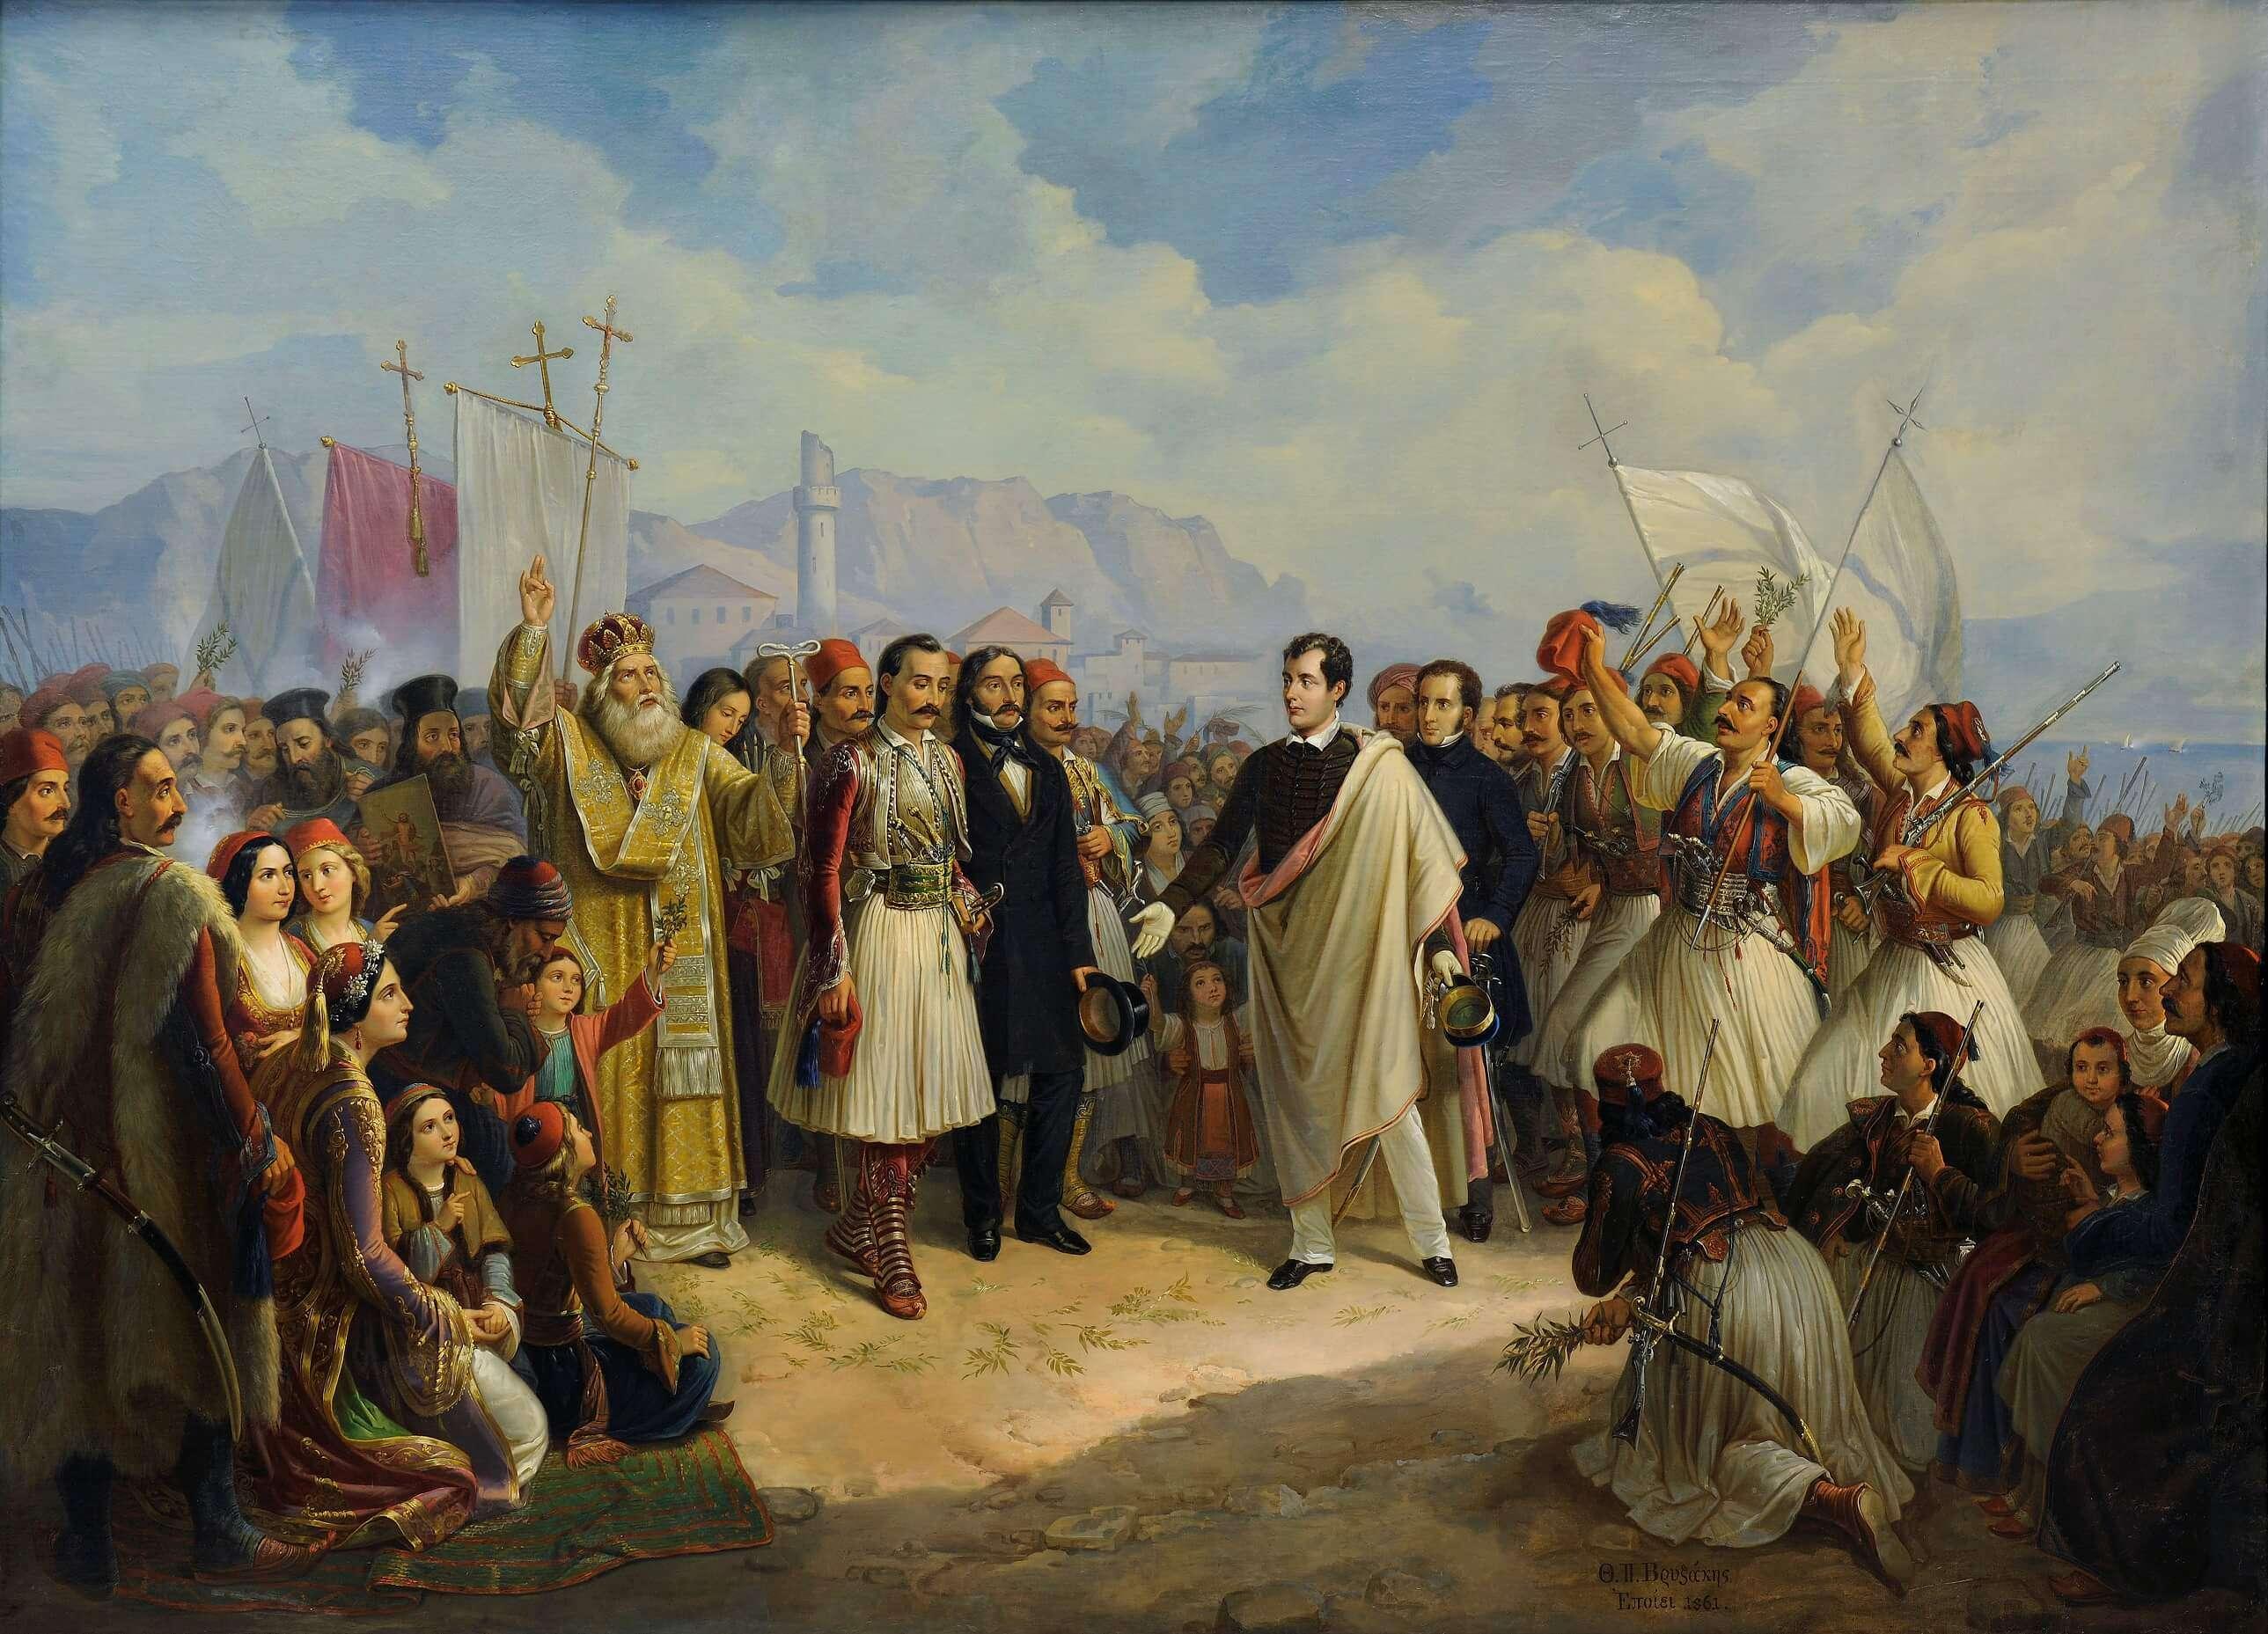 υποδοχή του Λόρδου Βύρωνα στο Μεσολόγγι